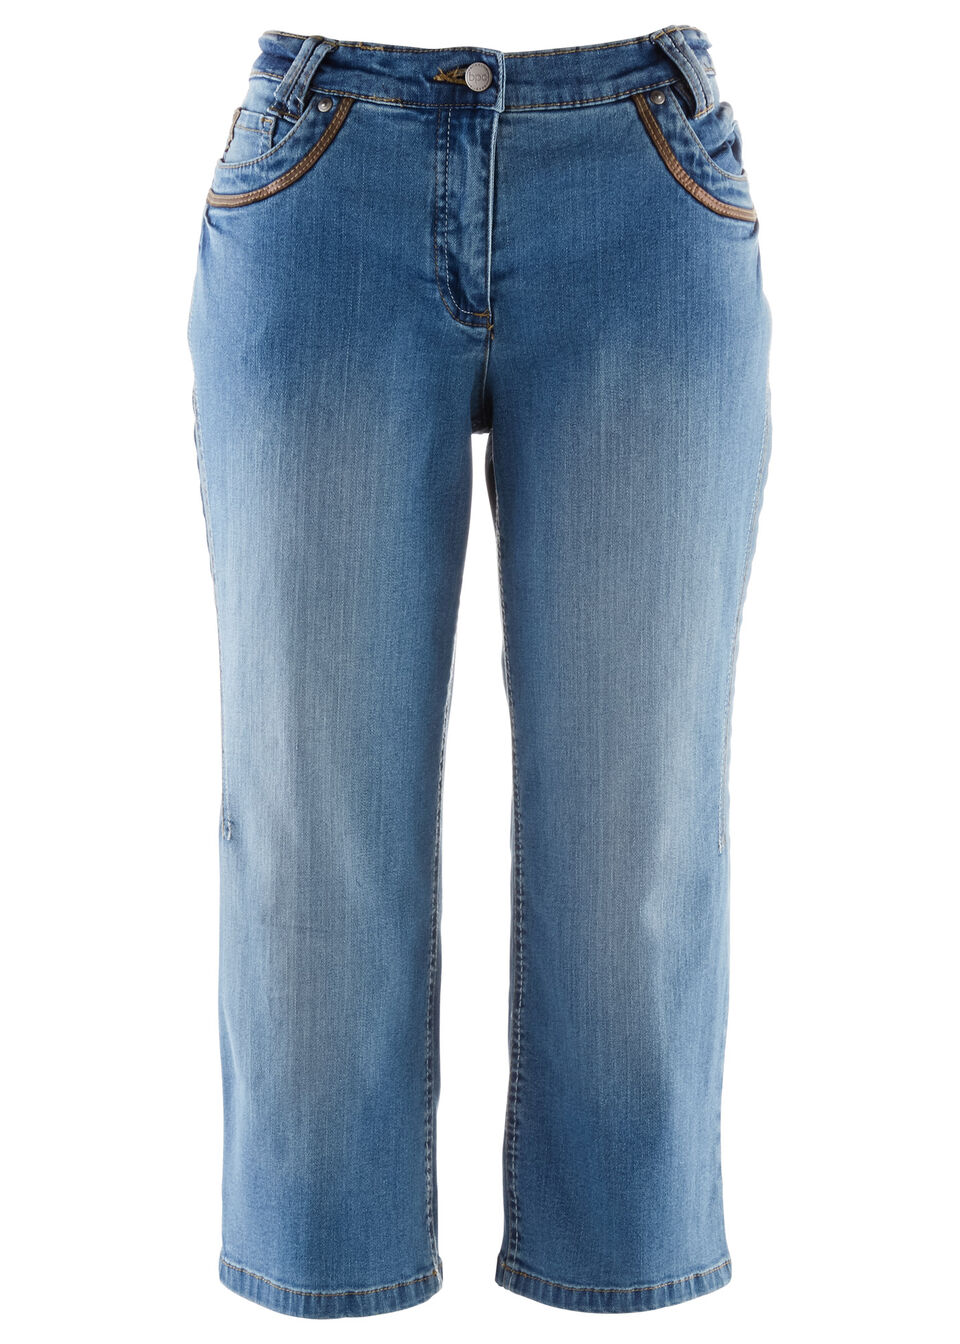 Купить Джинсы, Капри джинсовые, bonprix, синий «потертый»